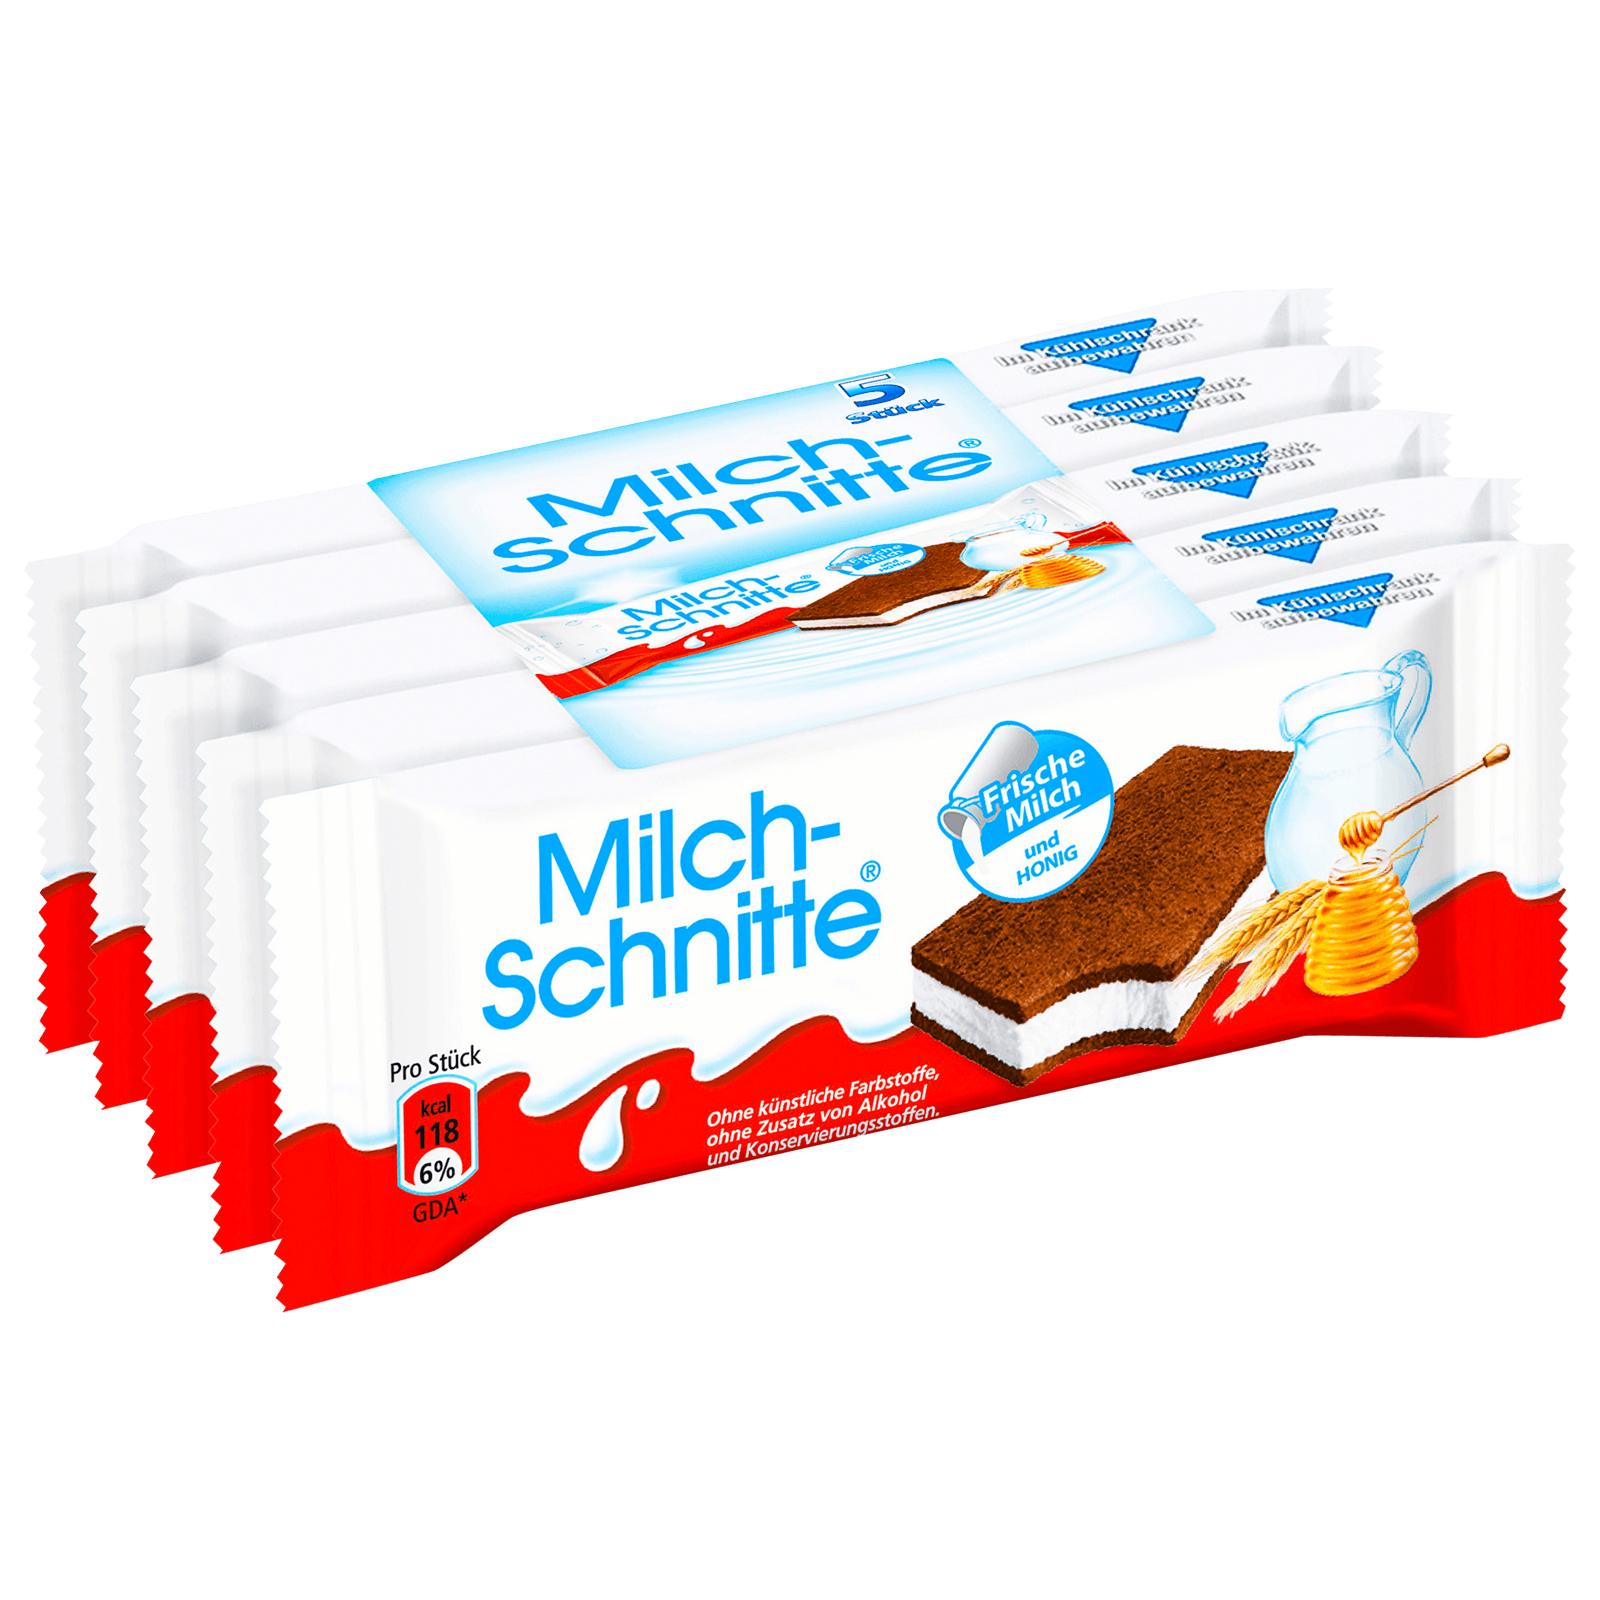 Sorry, 5er-/ nicht 4er-Packung Milch-Schnitte für nur 0,60€ bei Rewe dank Marktguru App